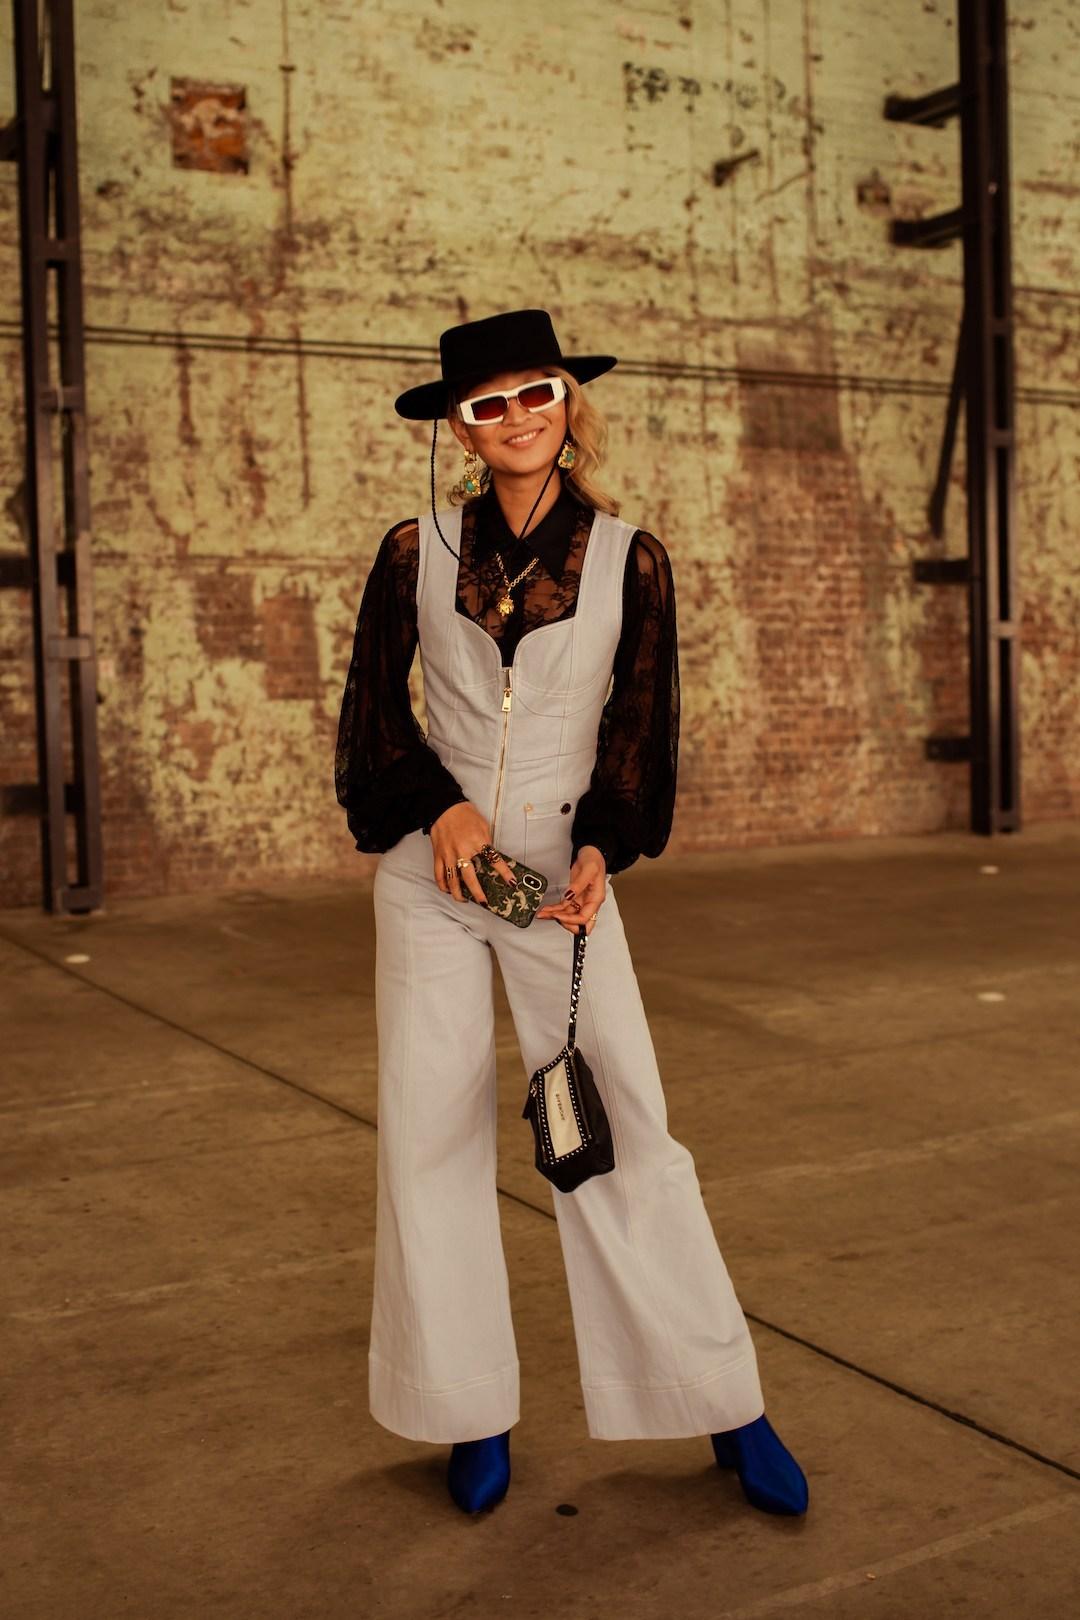 Mặc đẹp với áo mỏng và quần yếm ống rộng